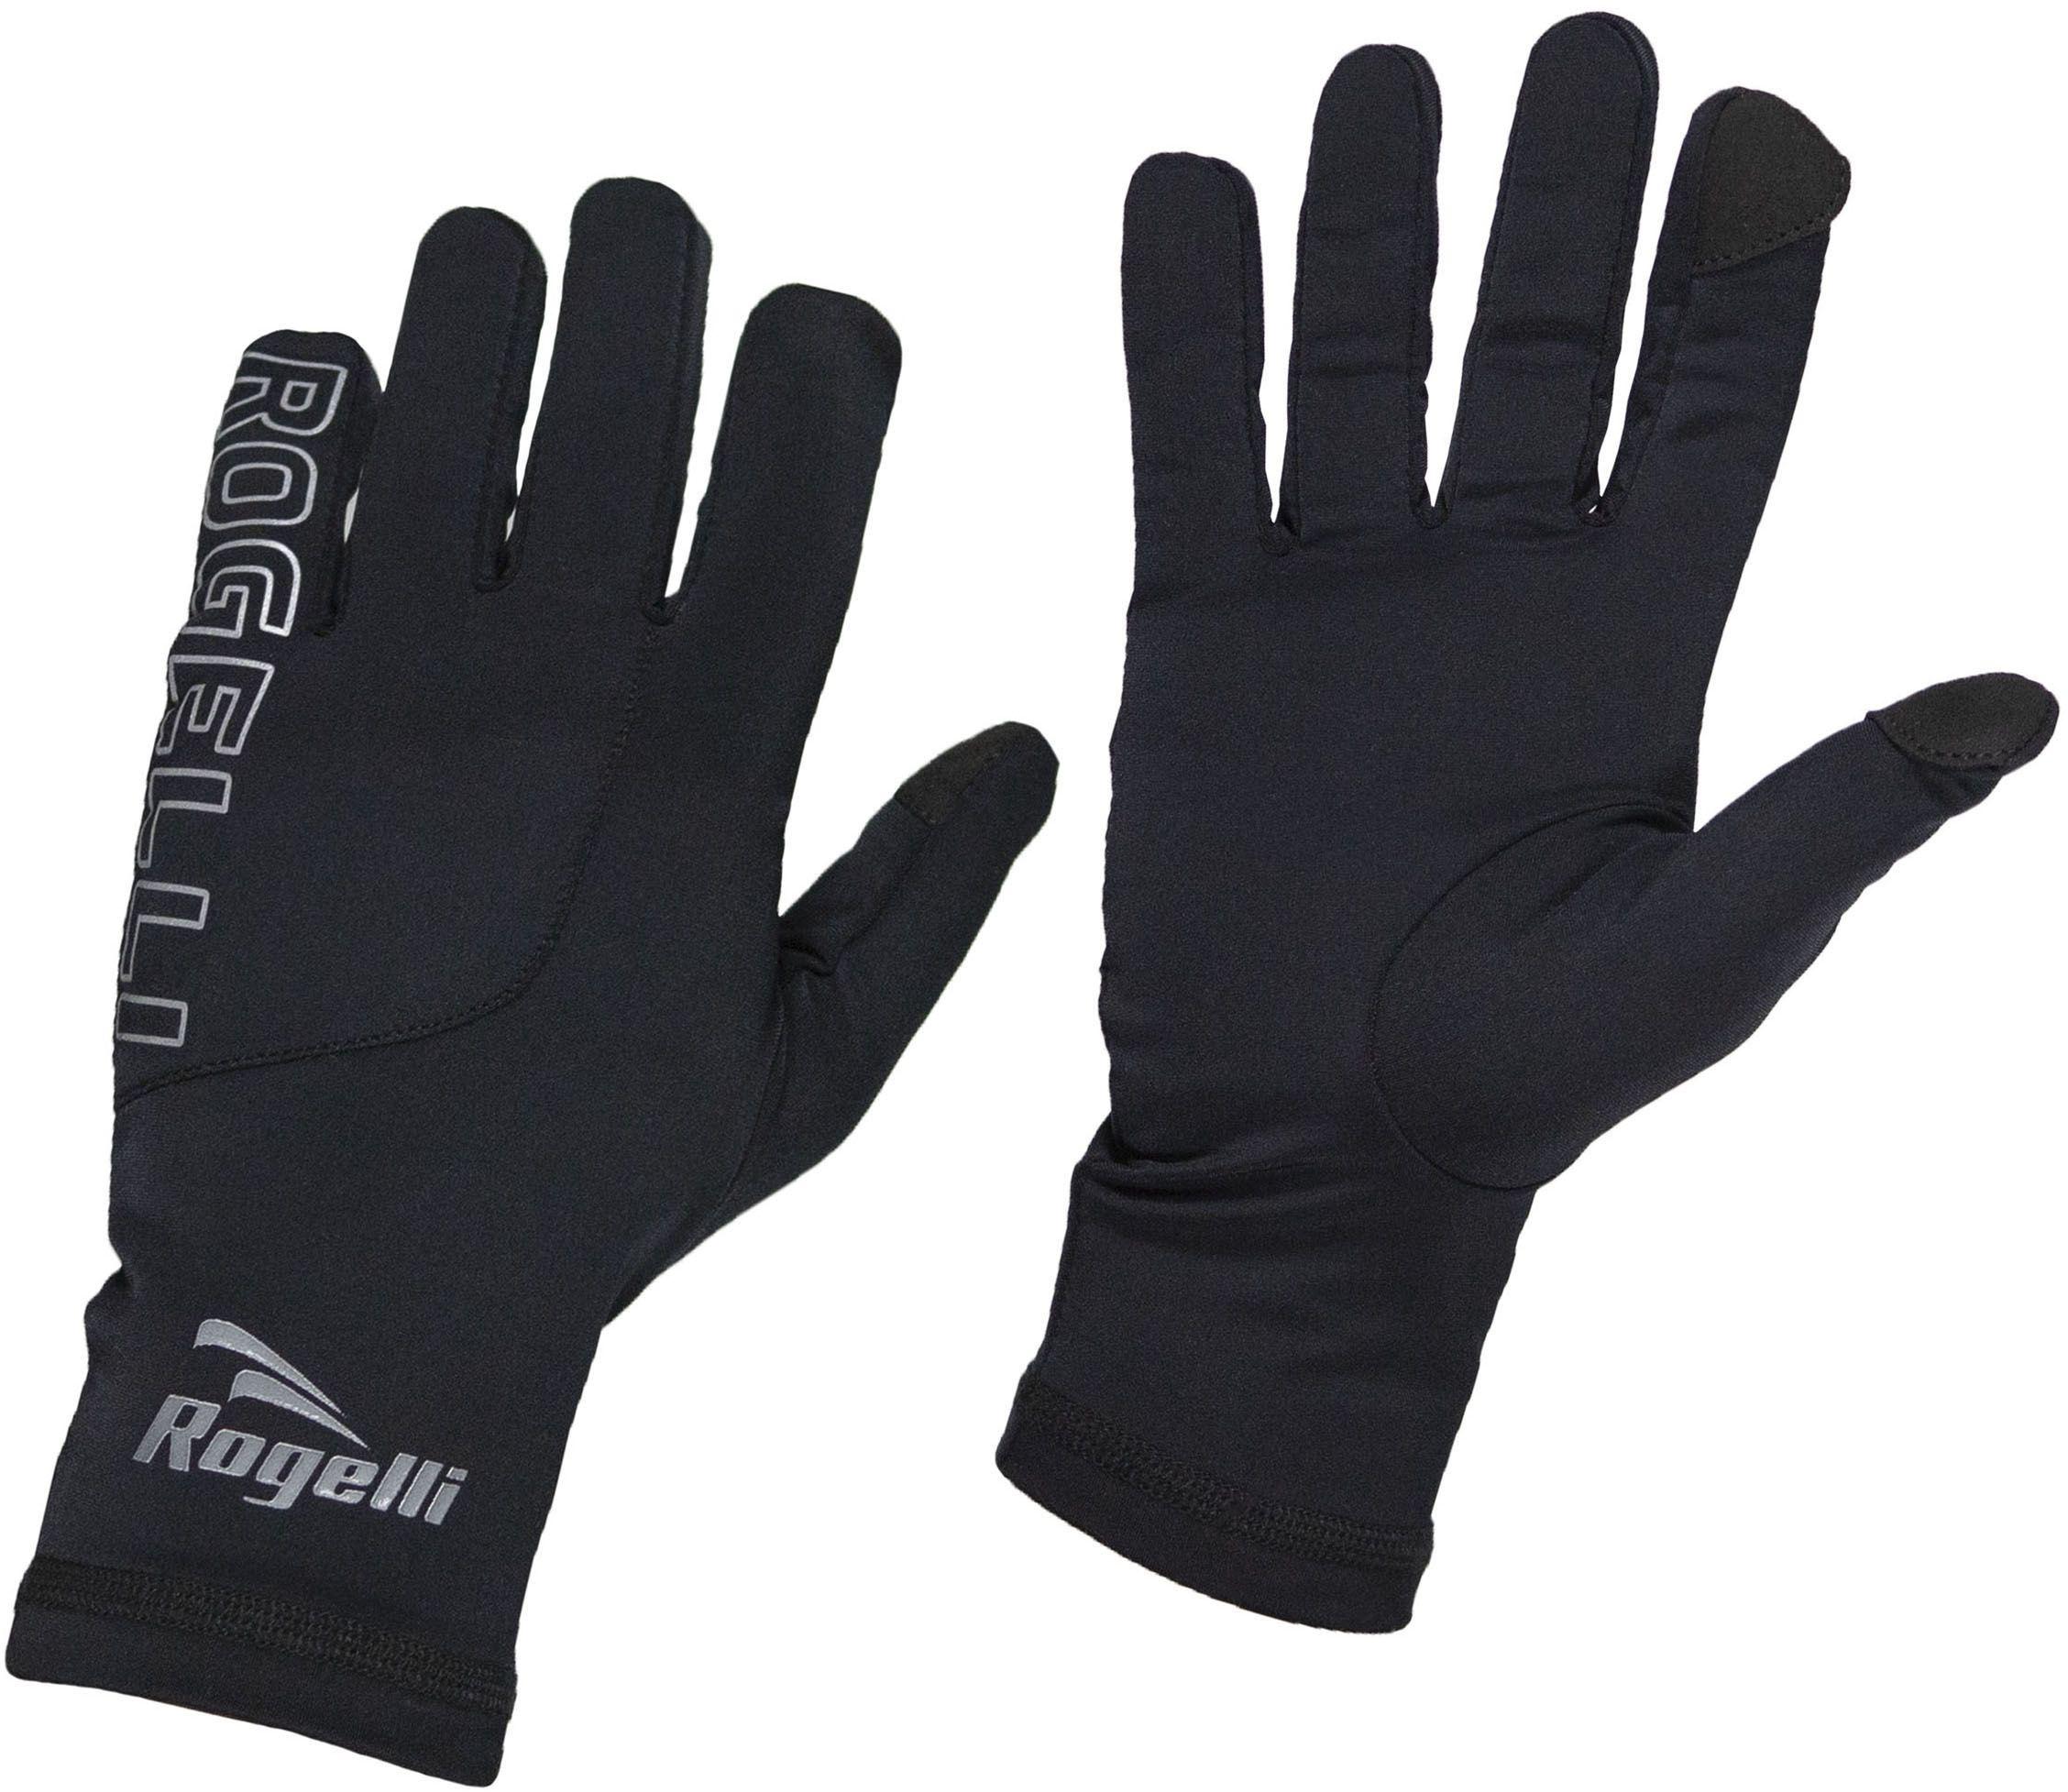 ROGELLI RUN 890.001 TOUCH rękawiczki biegowe czarne Rozmiar: S,rogelli-touch-black-men